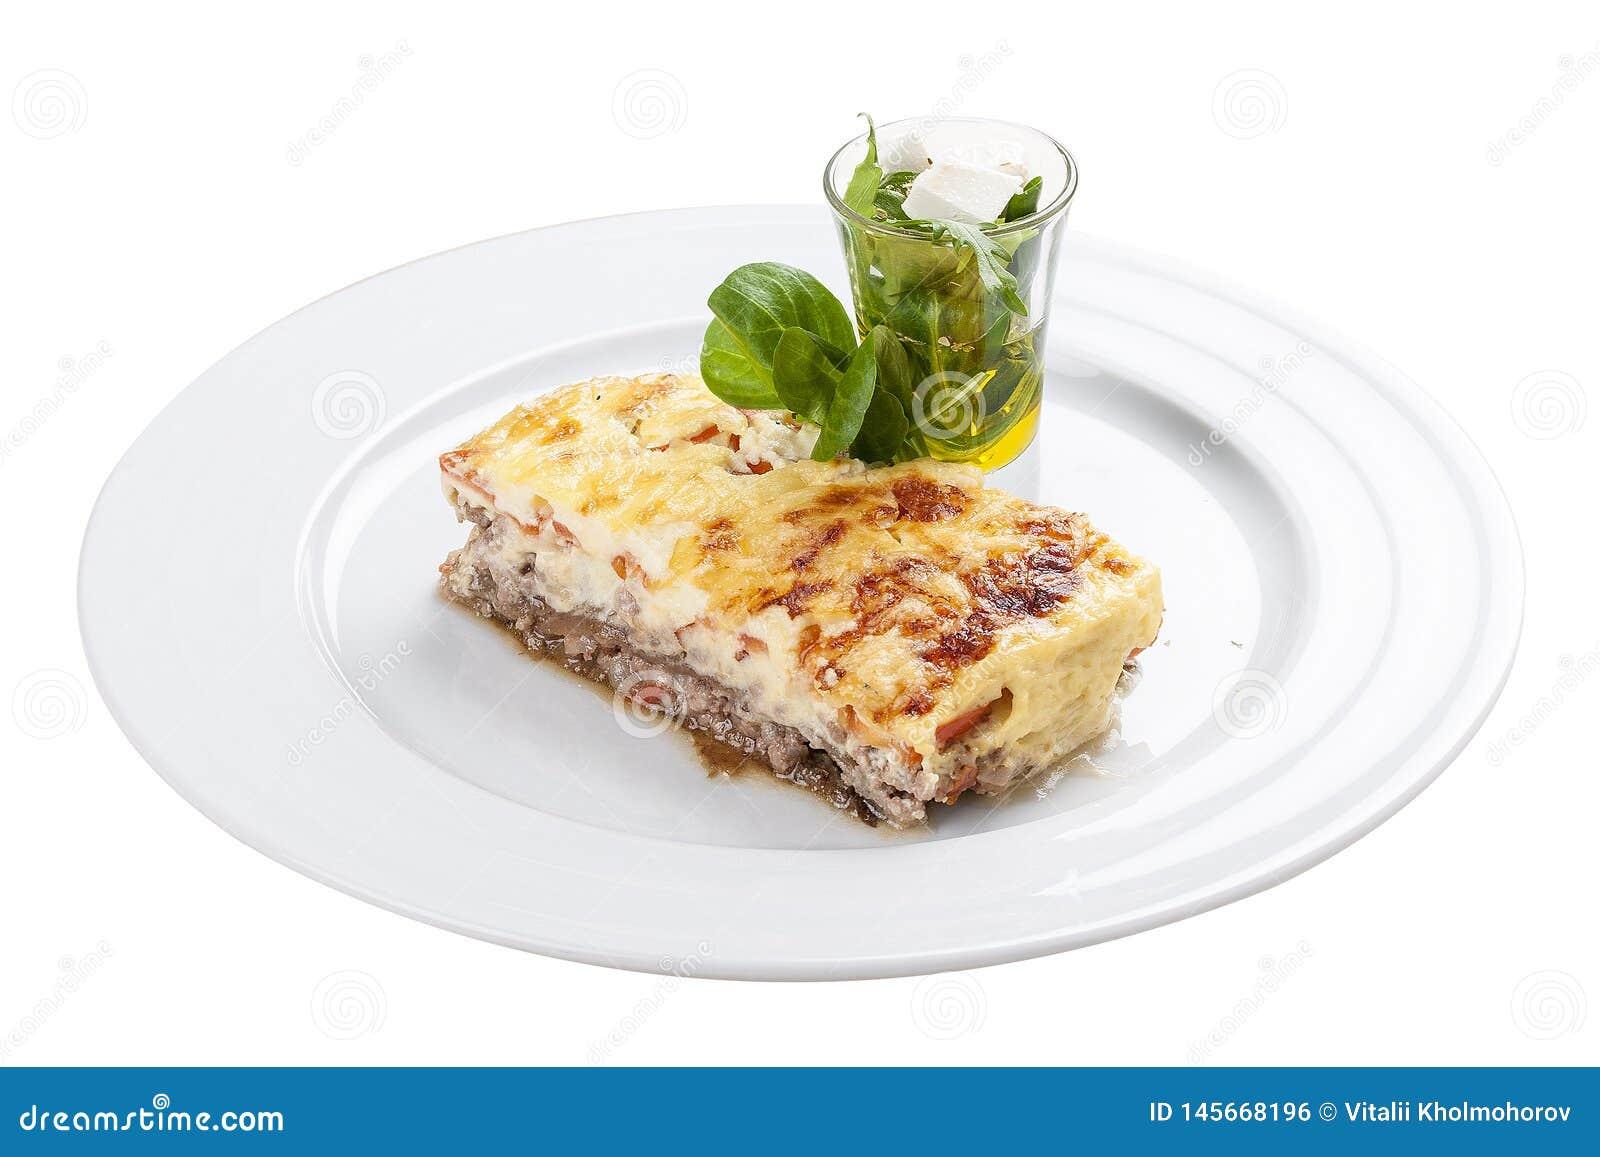 Moussaka Традиционное греческое блюдо